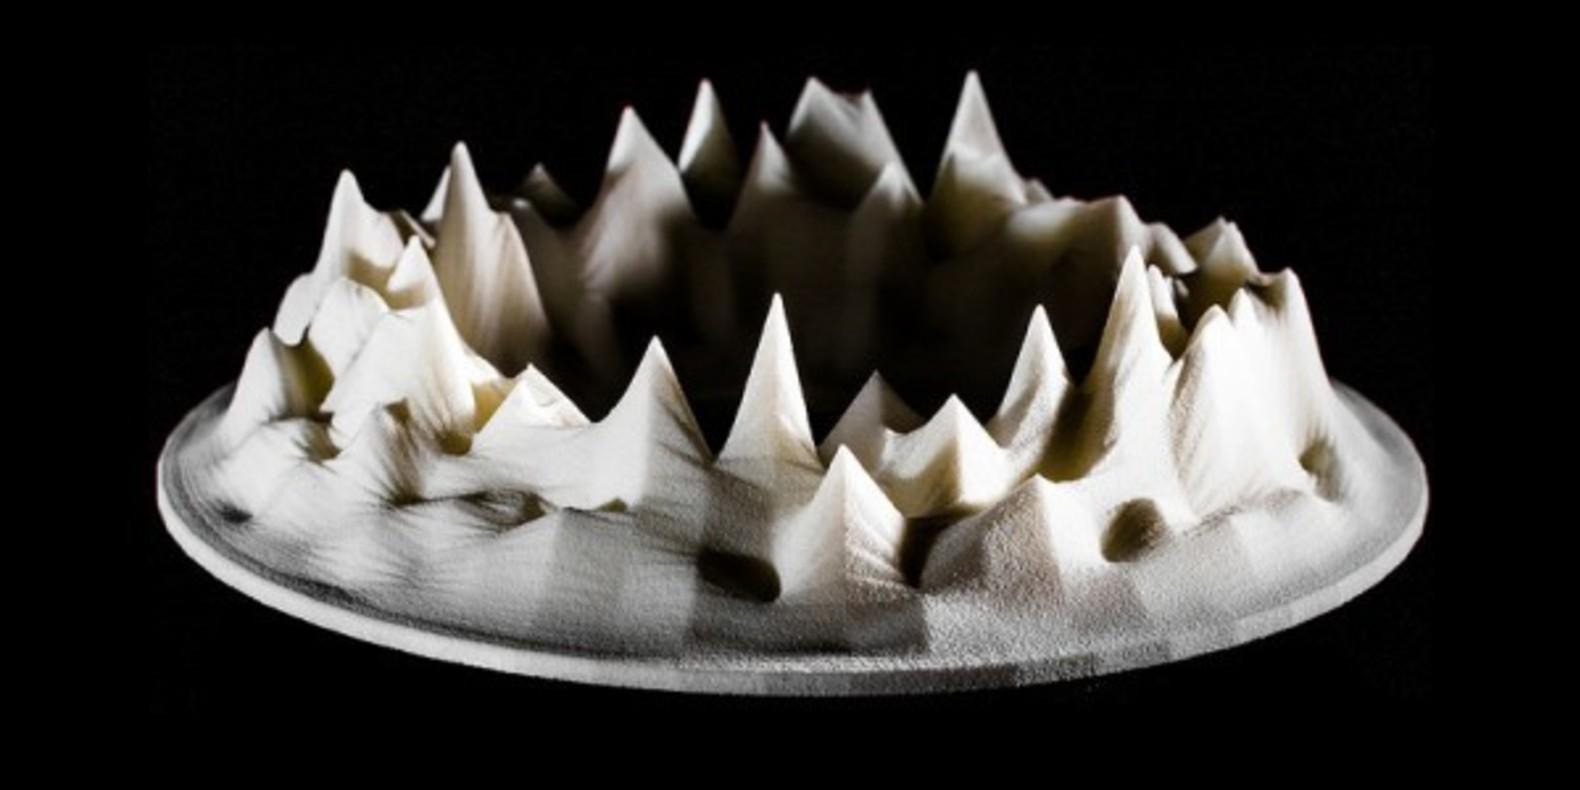 Lukasz Karluk transforms music into digital sculpture